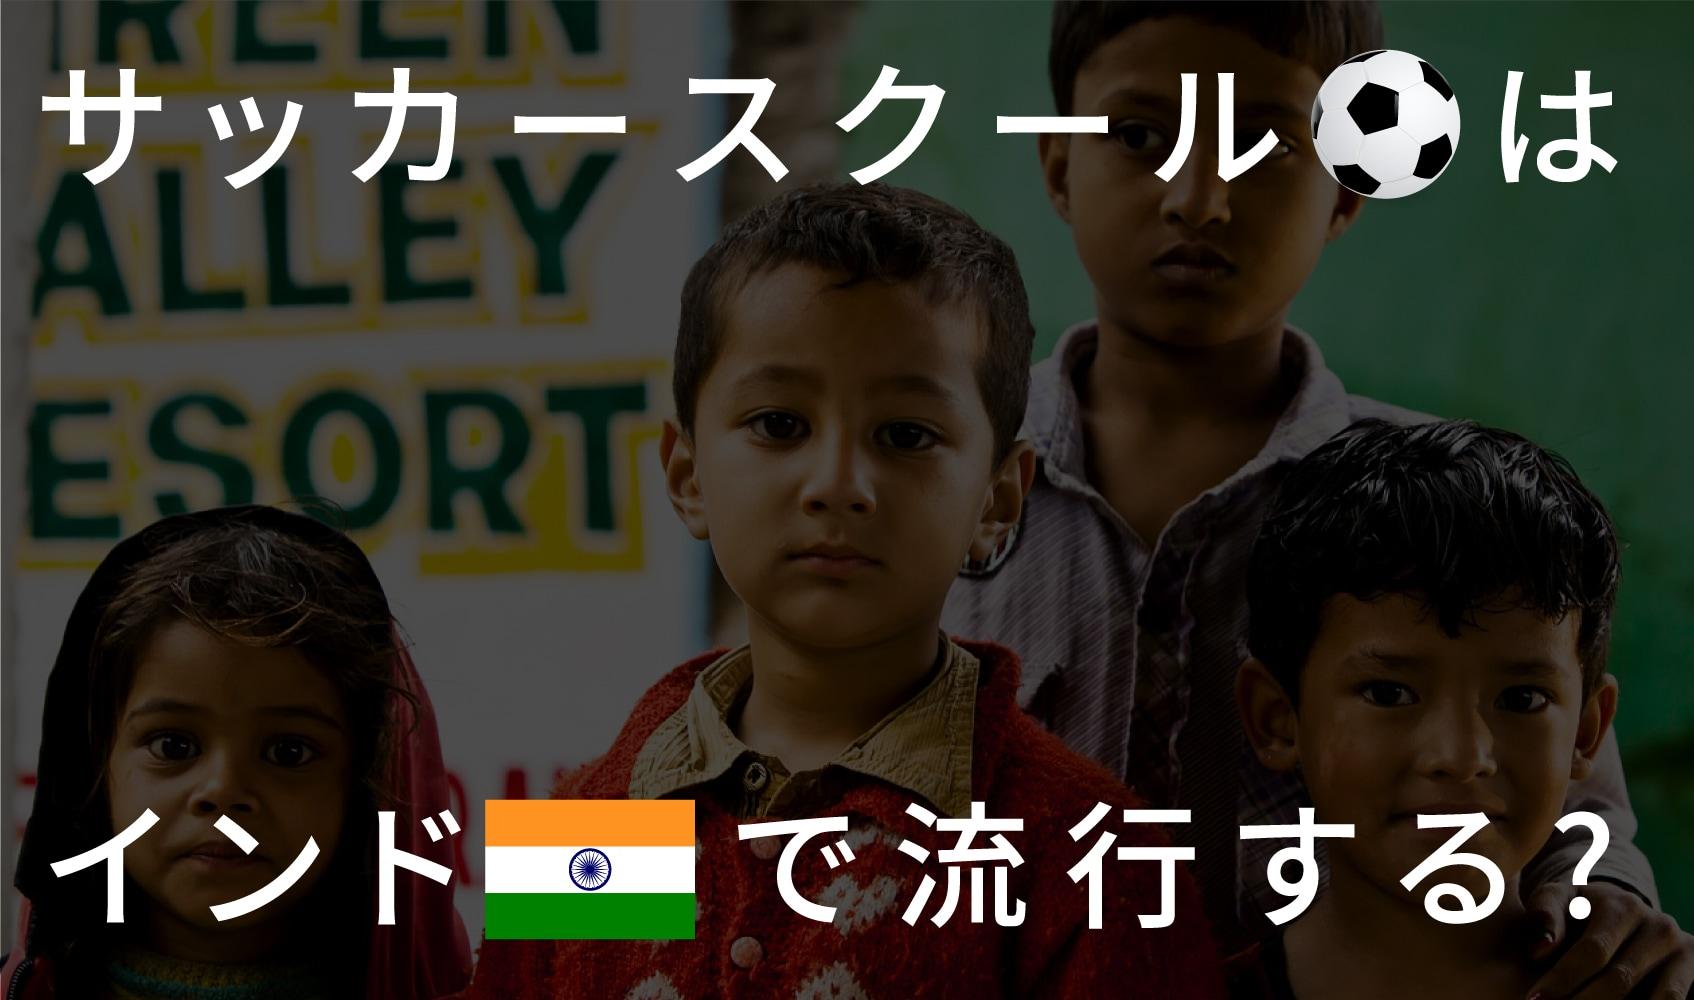 サッカースクールはインドで流行する?